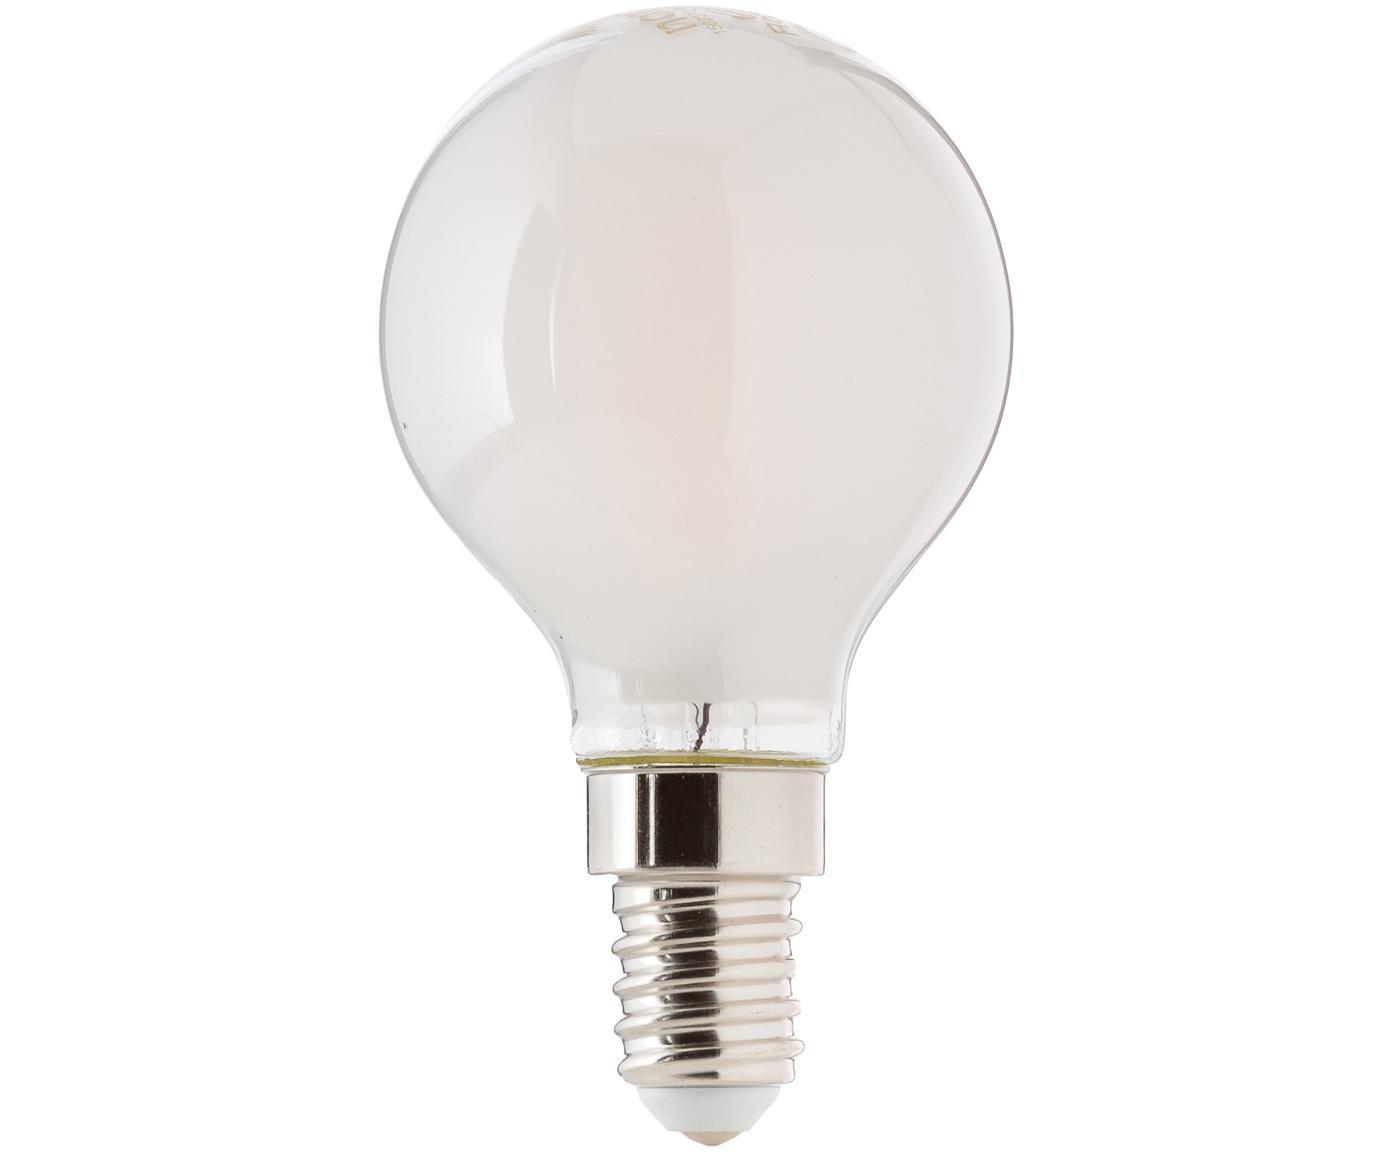 Żarówka Sedim (E14/2W), Biały, Ø 5 x W 8 cm